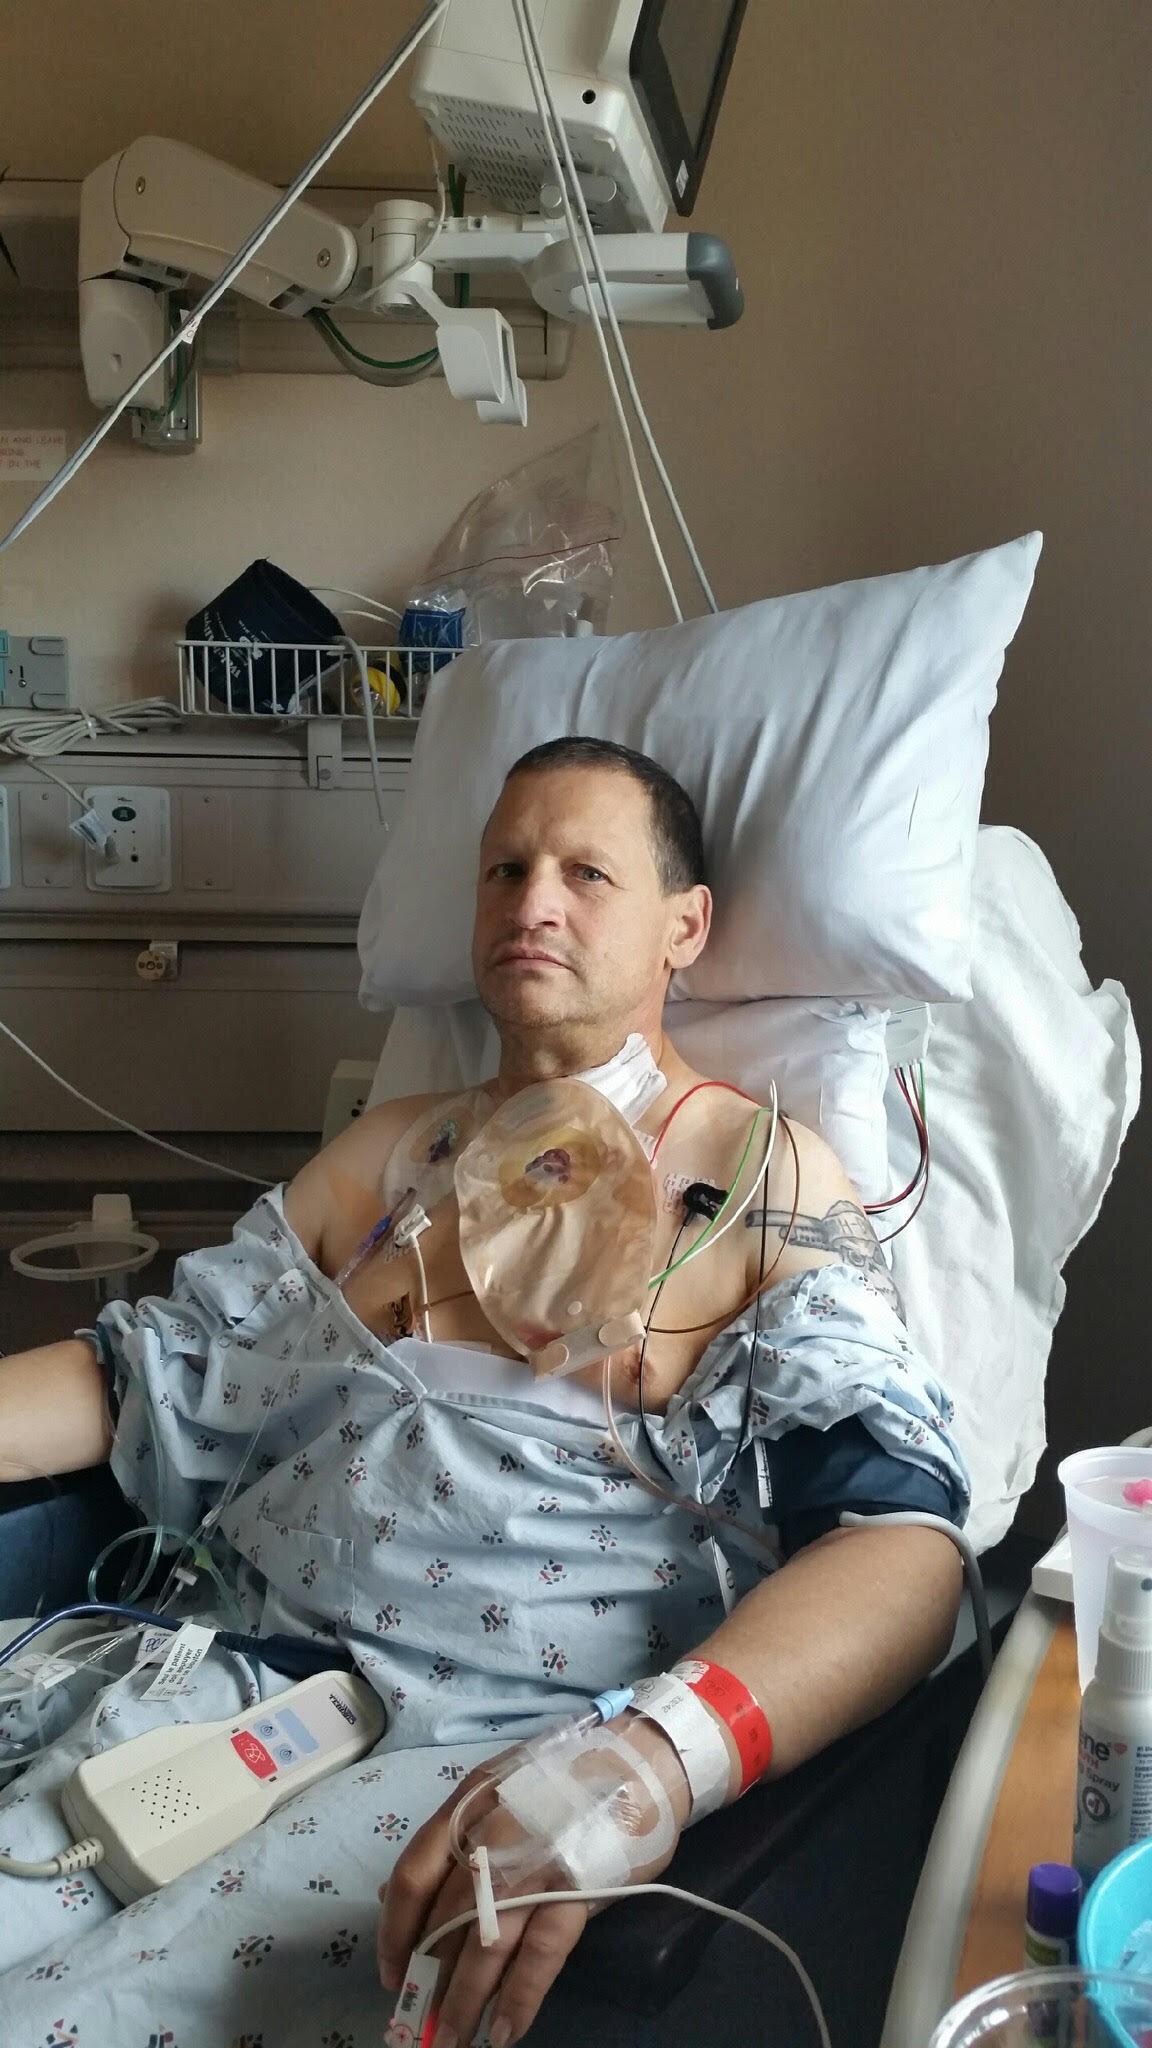 surgeryman